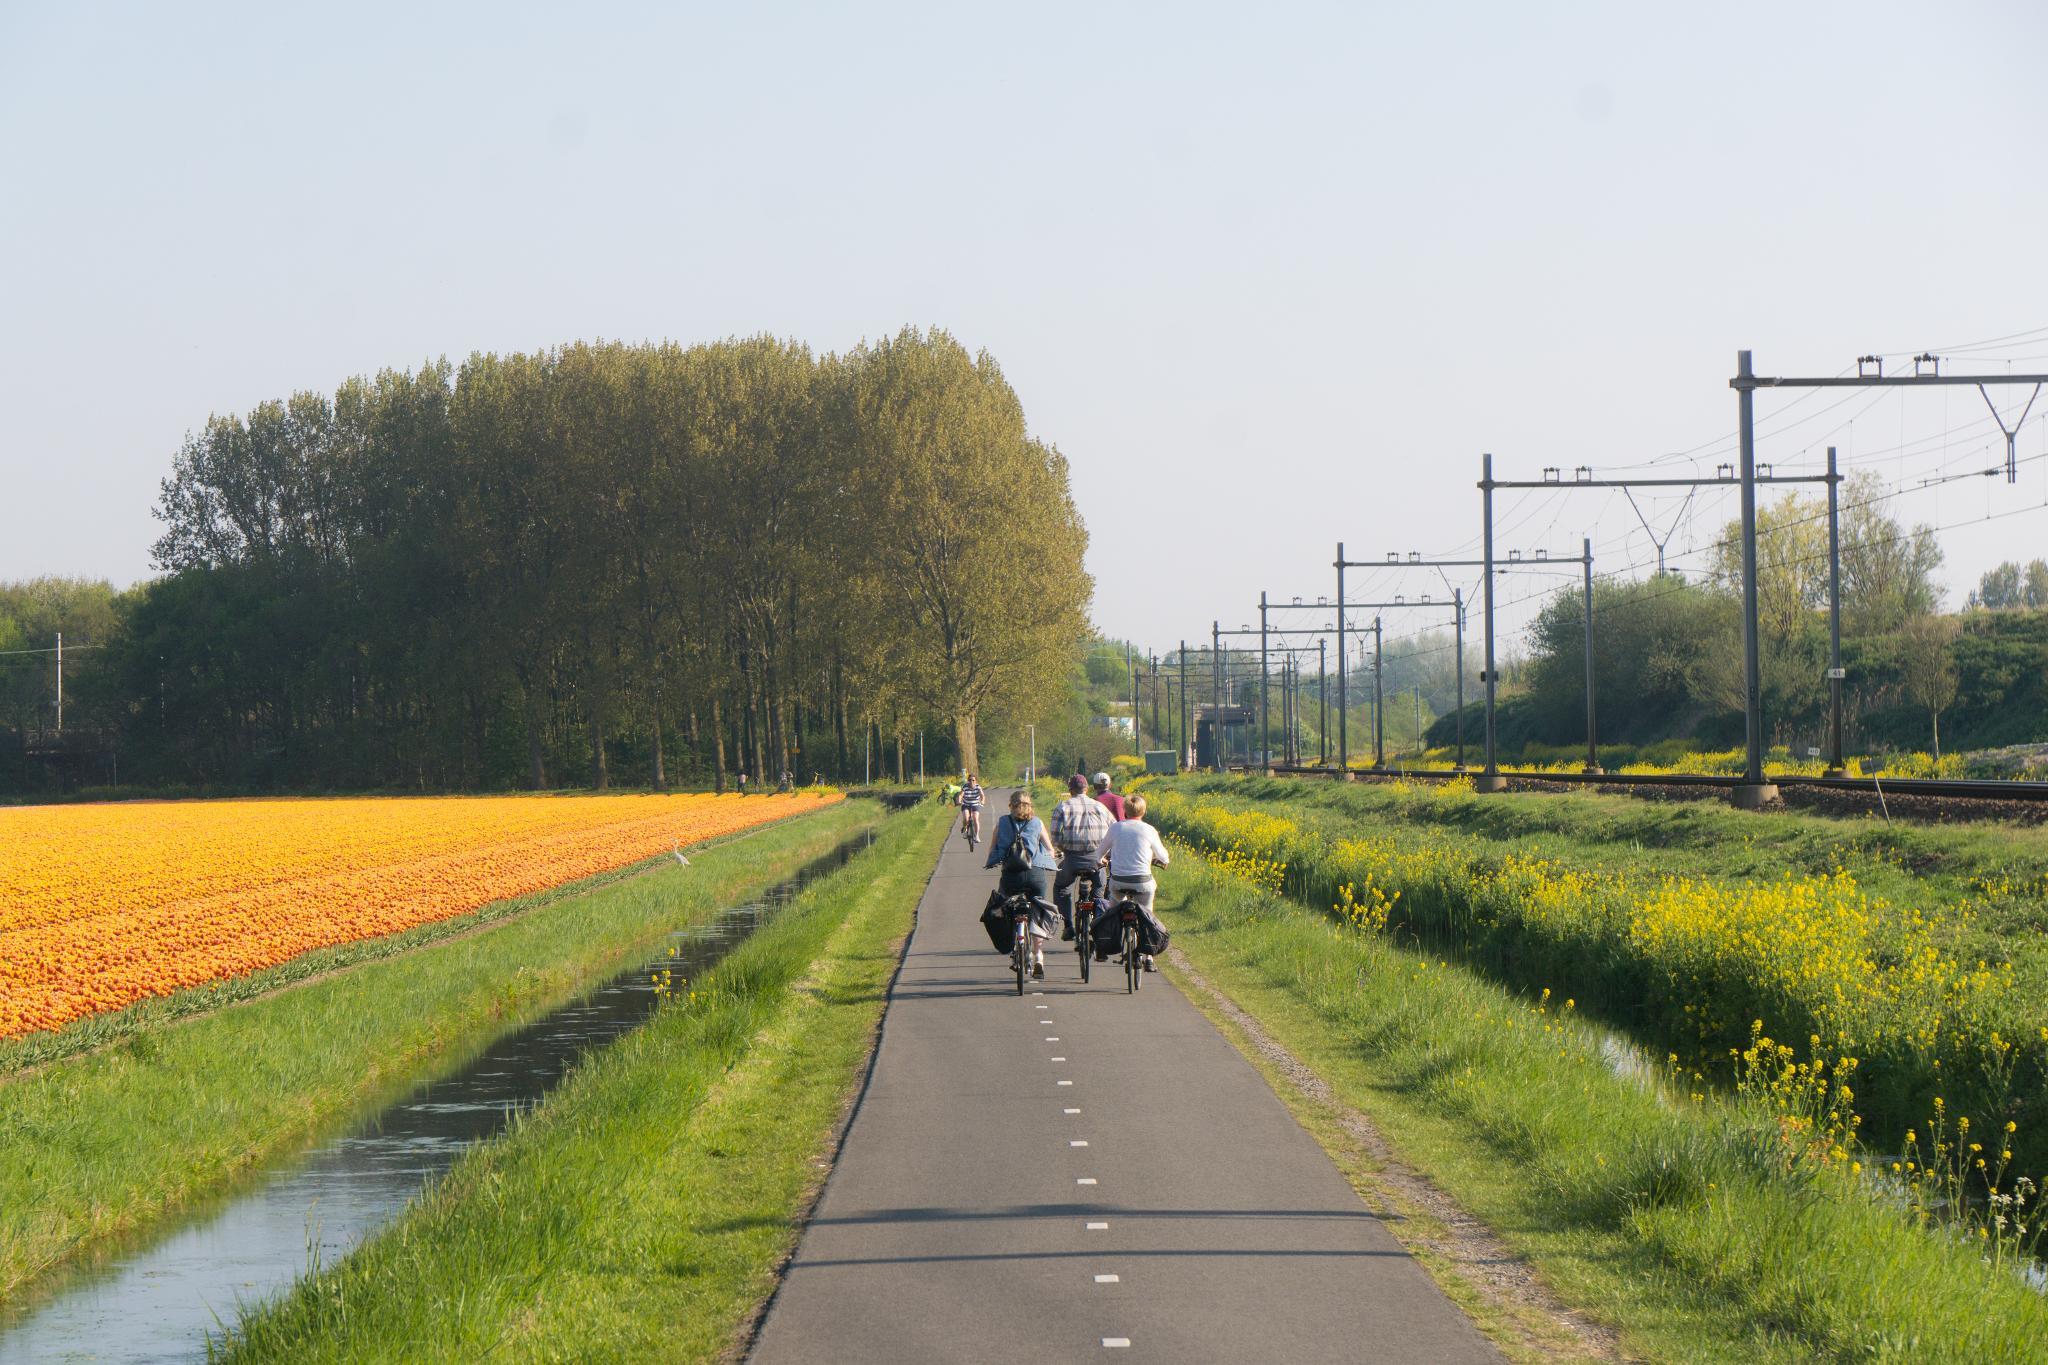 【荷蘭印象】花田嬉事:荷蘭單車花之路 52